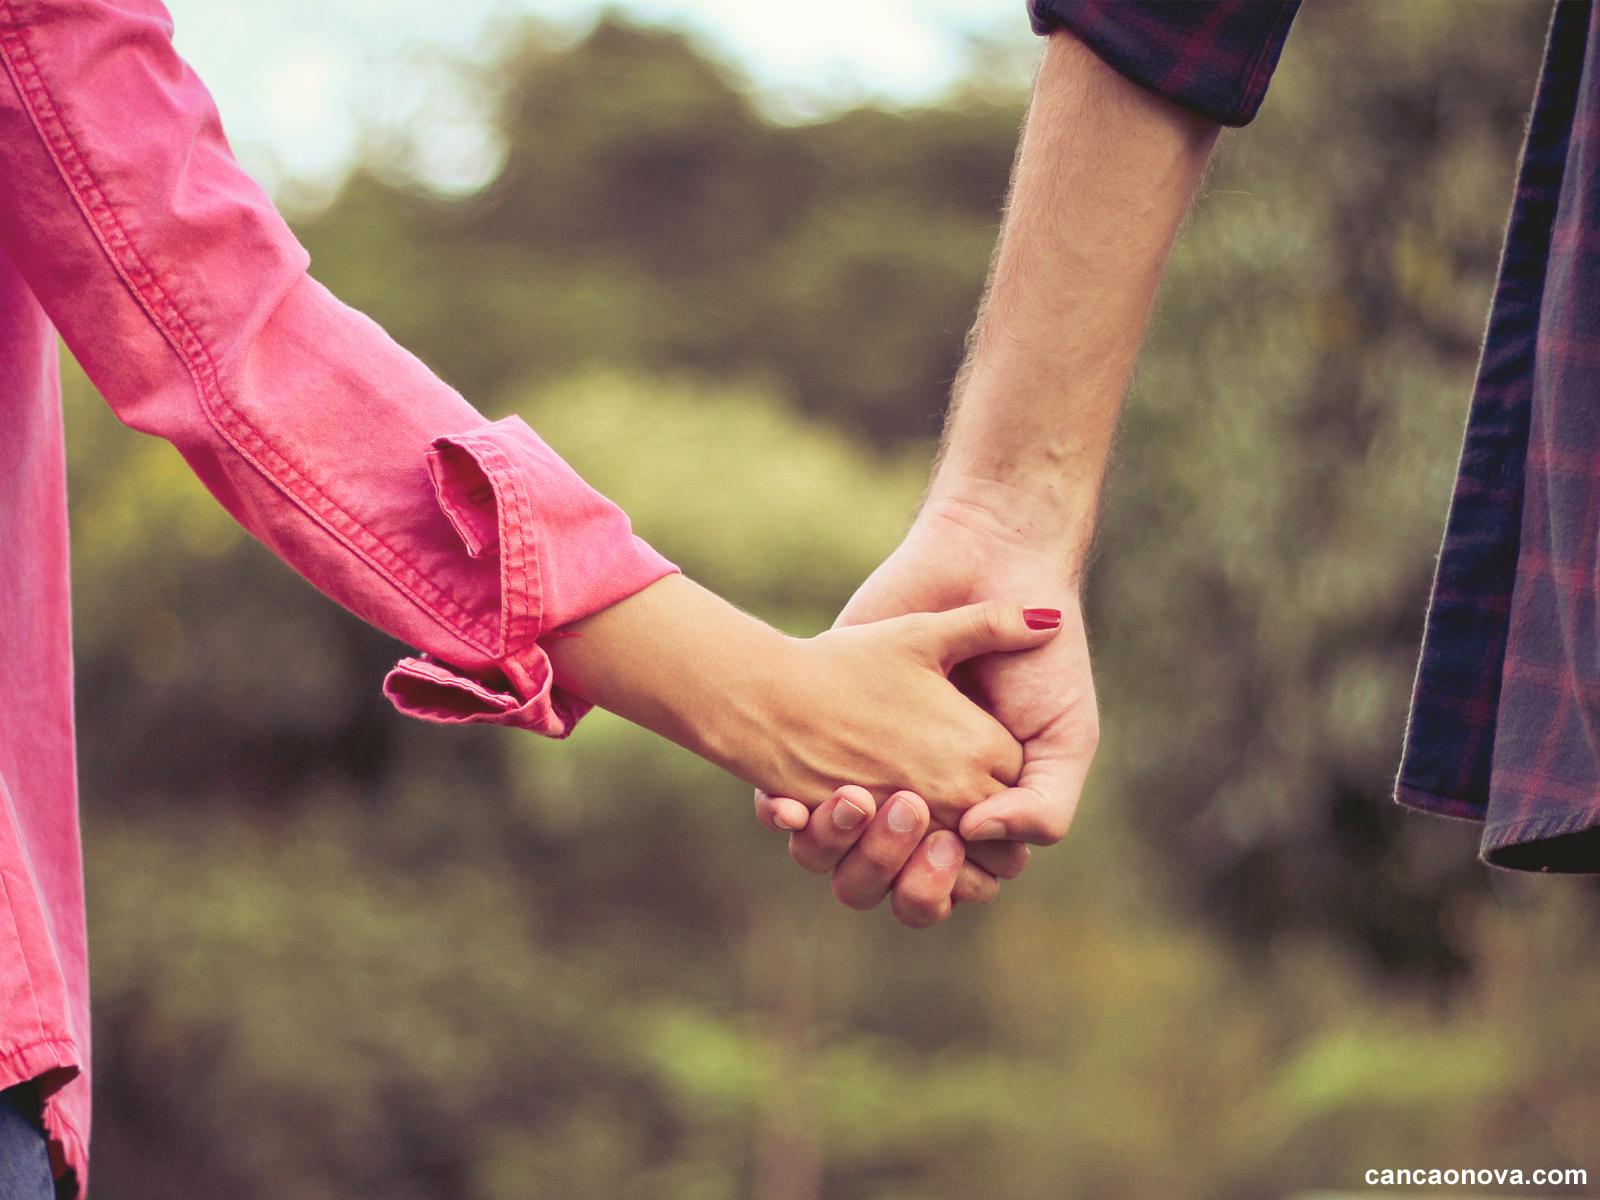 Nao existe um relacionamento sexual - 3 part 9